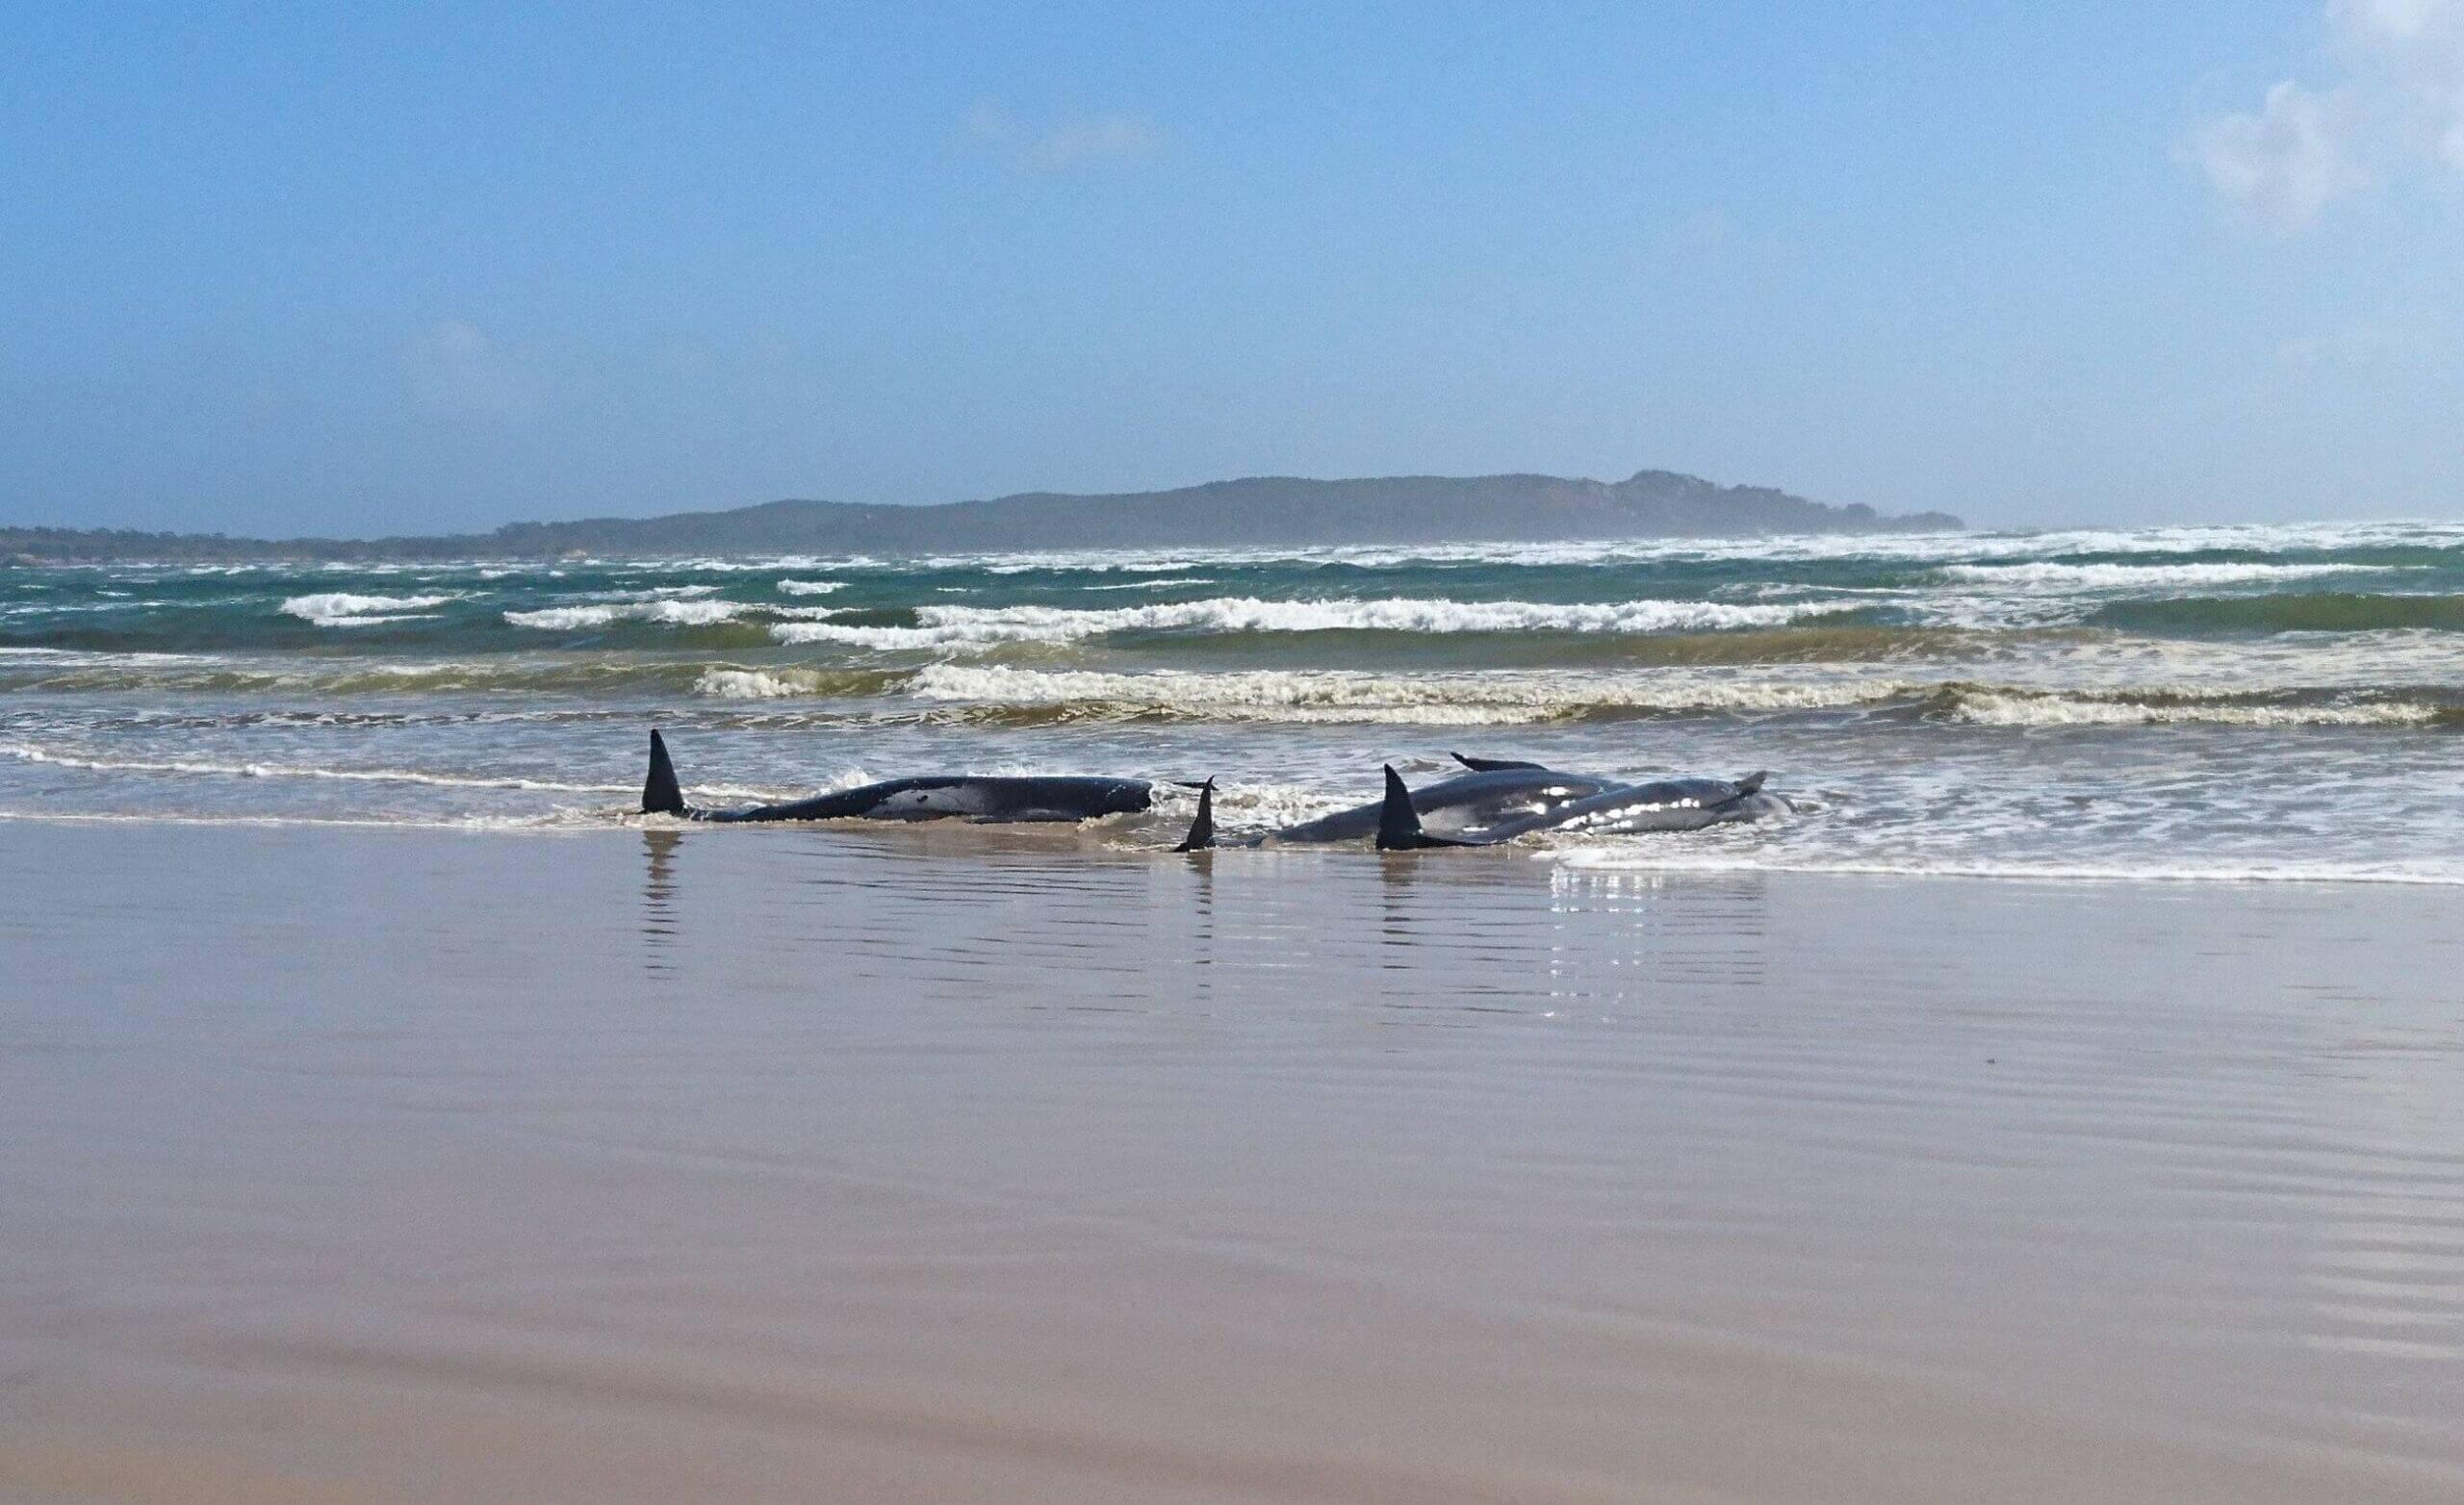 علت مرگ دومین نهنگ کیش مشخص نیست